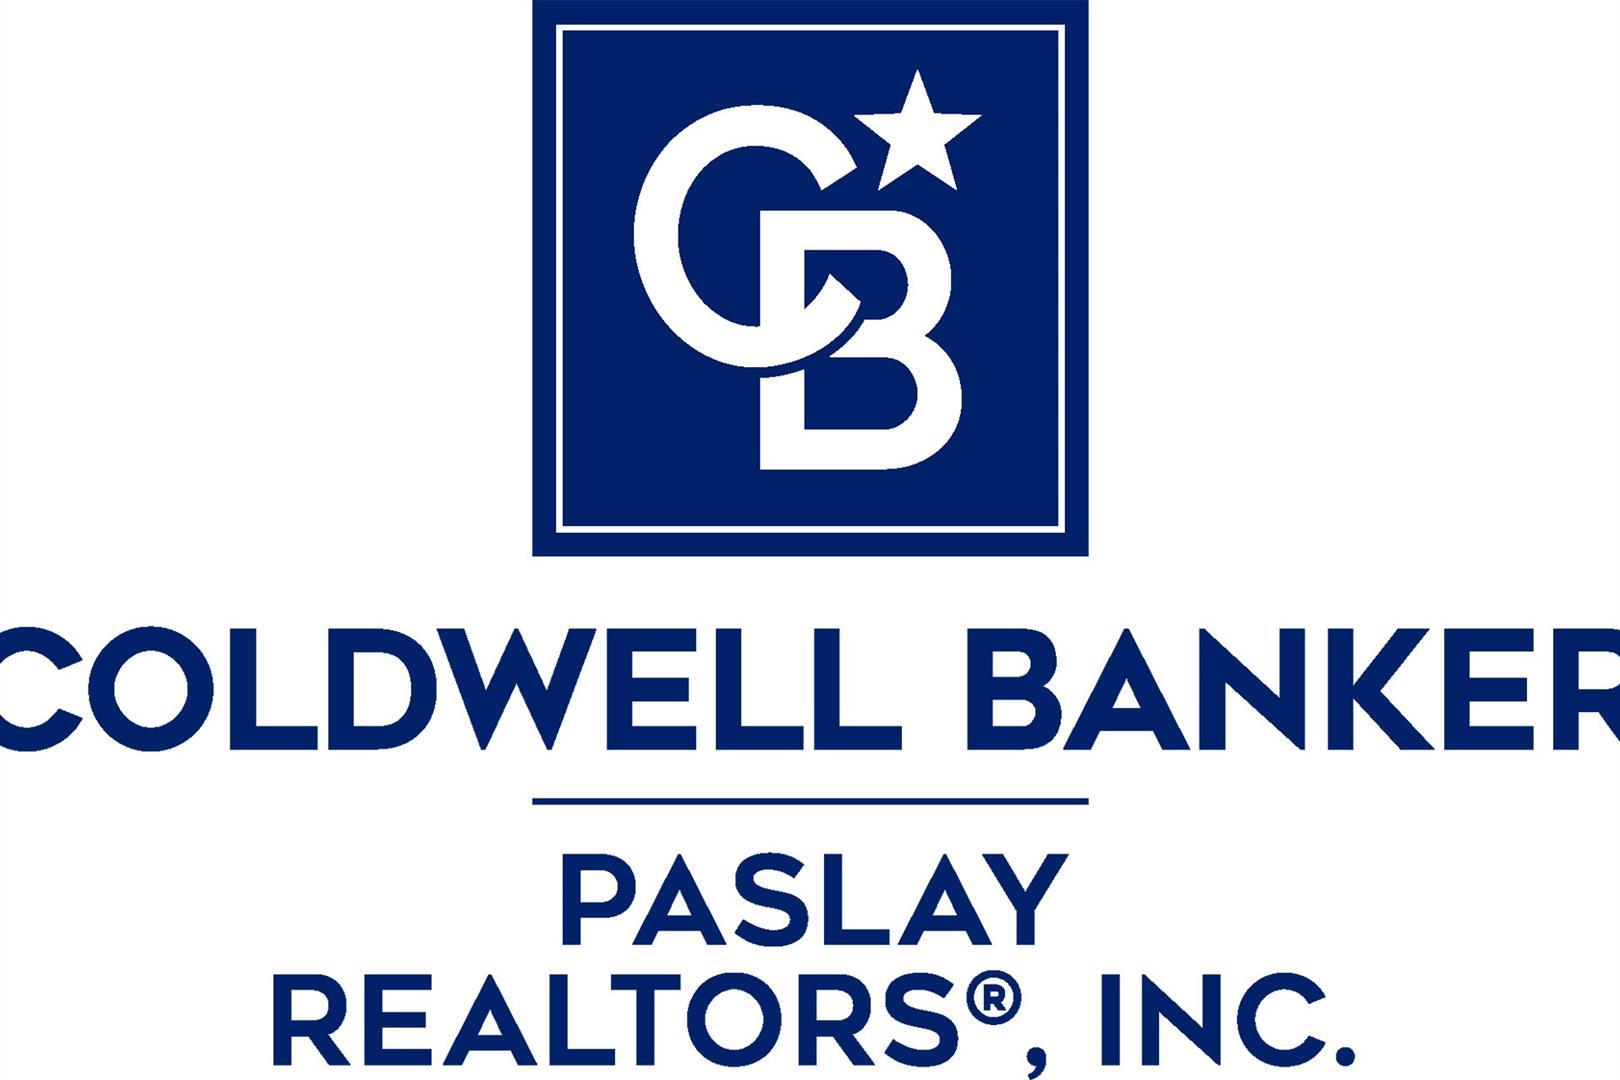 Coldwell Banker Paslay, Realtors Inc.